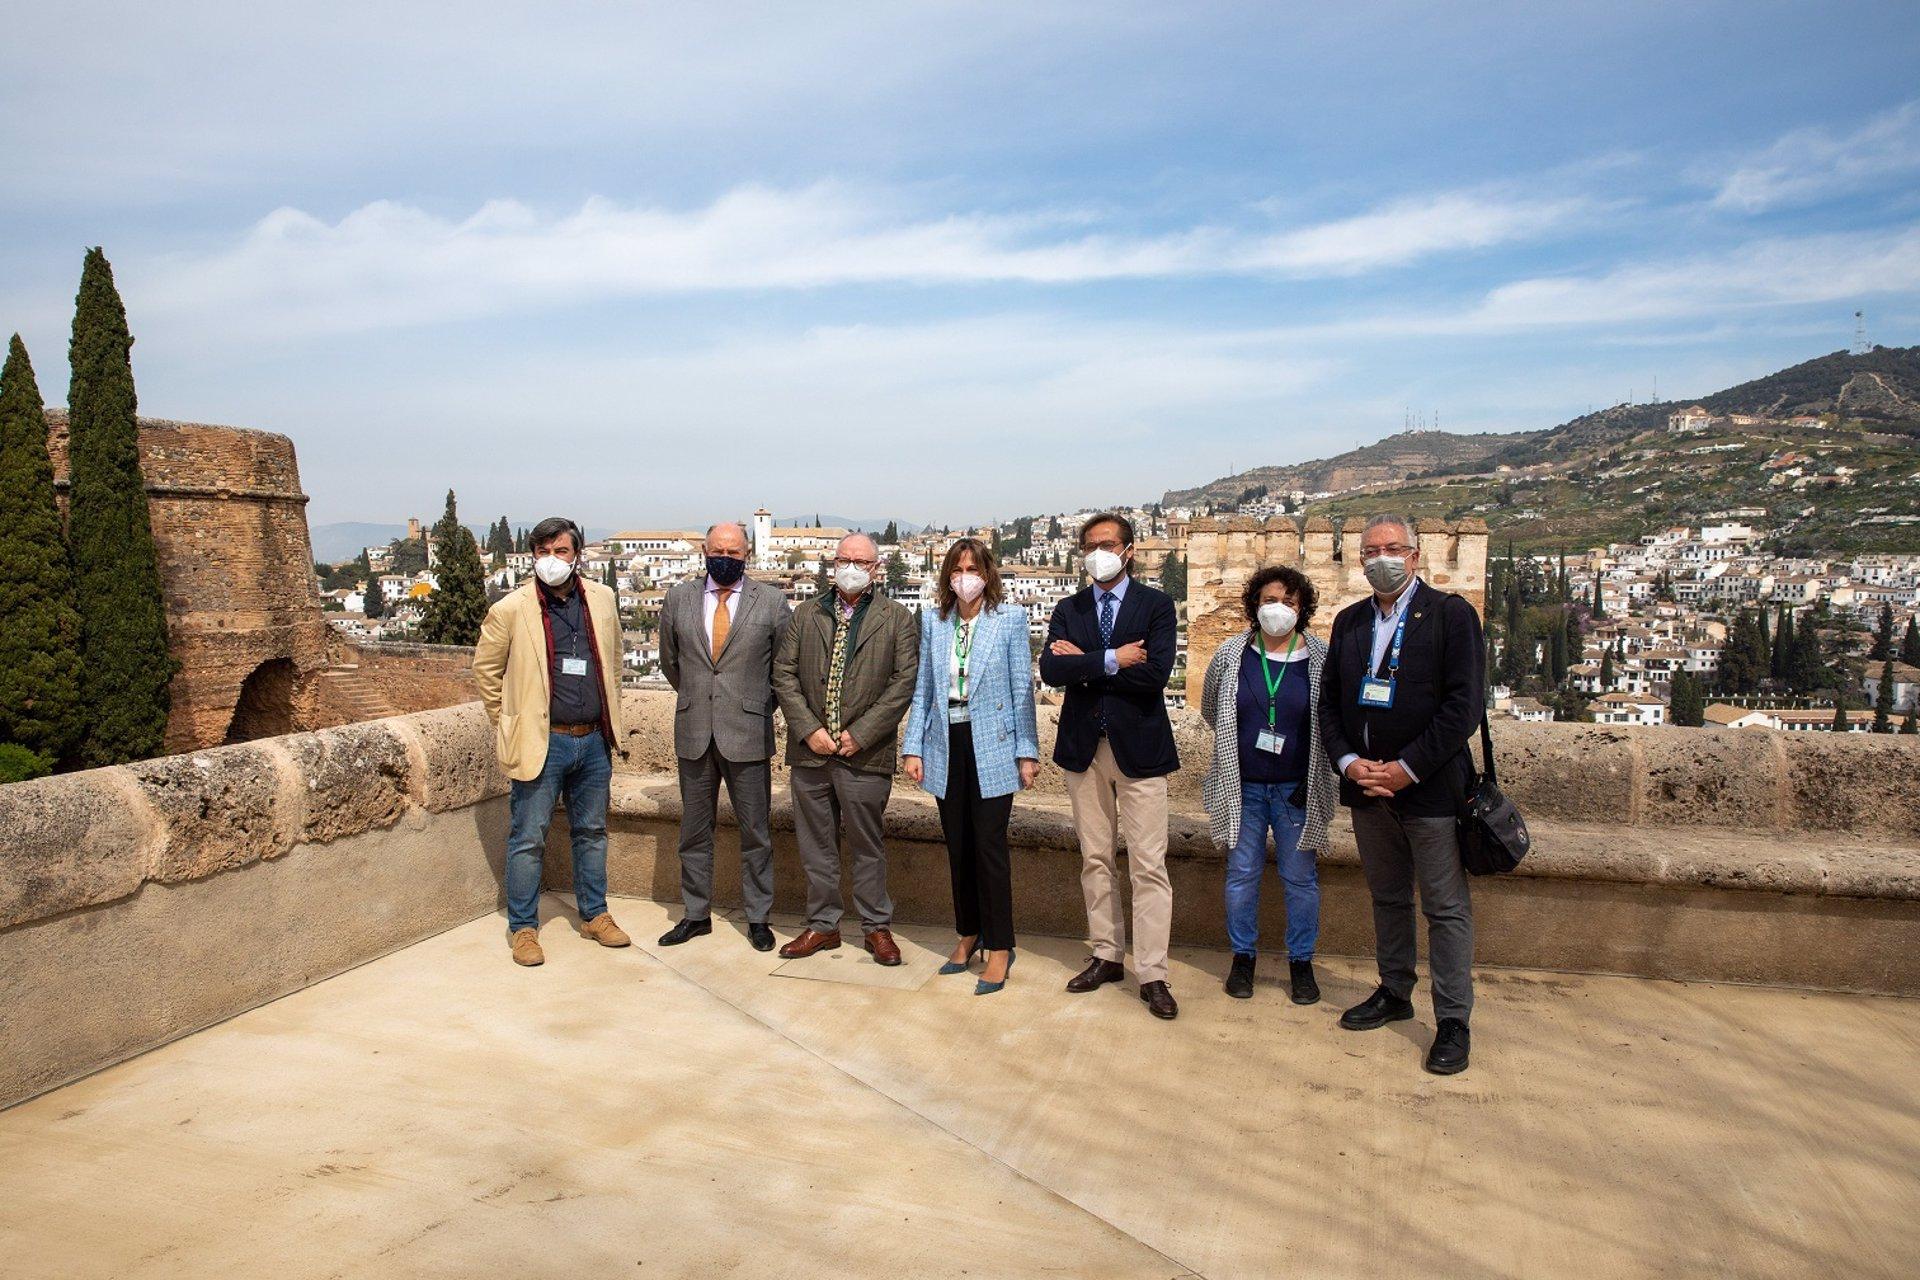 La Alhambra recupera dos accesos a los Palacios Nazaríes tras estabilizar la plaza de Carlos V